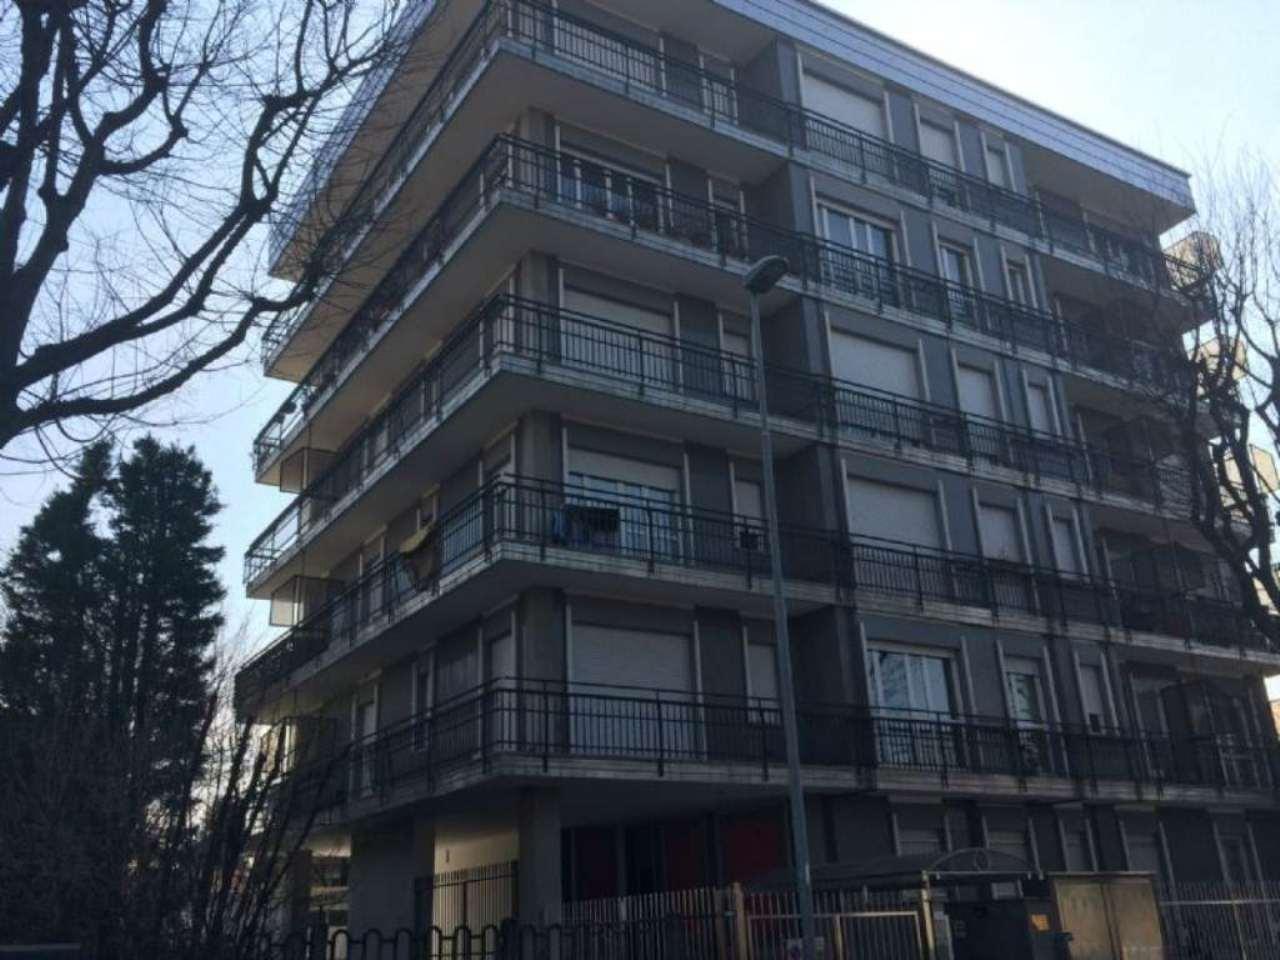 Attico / Mansarda in vendita a Rho, 5 locali, prezzo € 398.000 | PortaleAgenzieImmobiliari.it